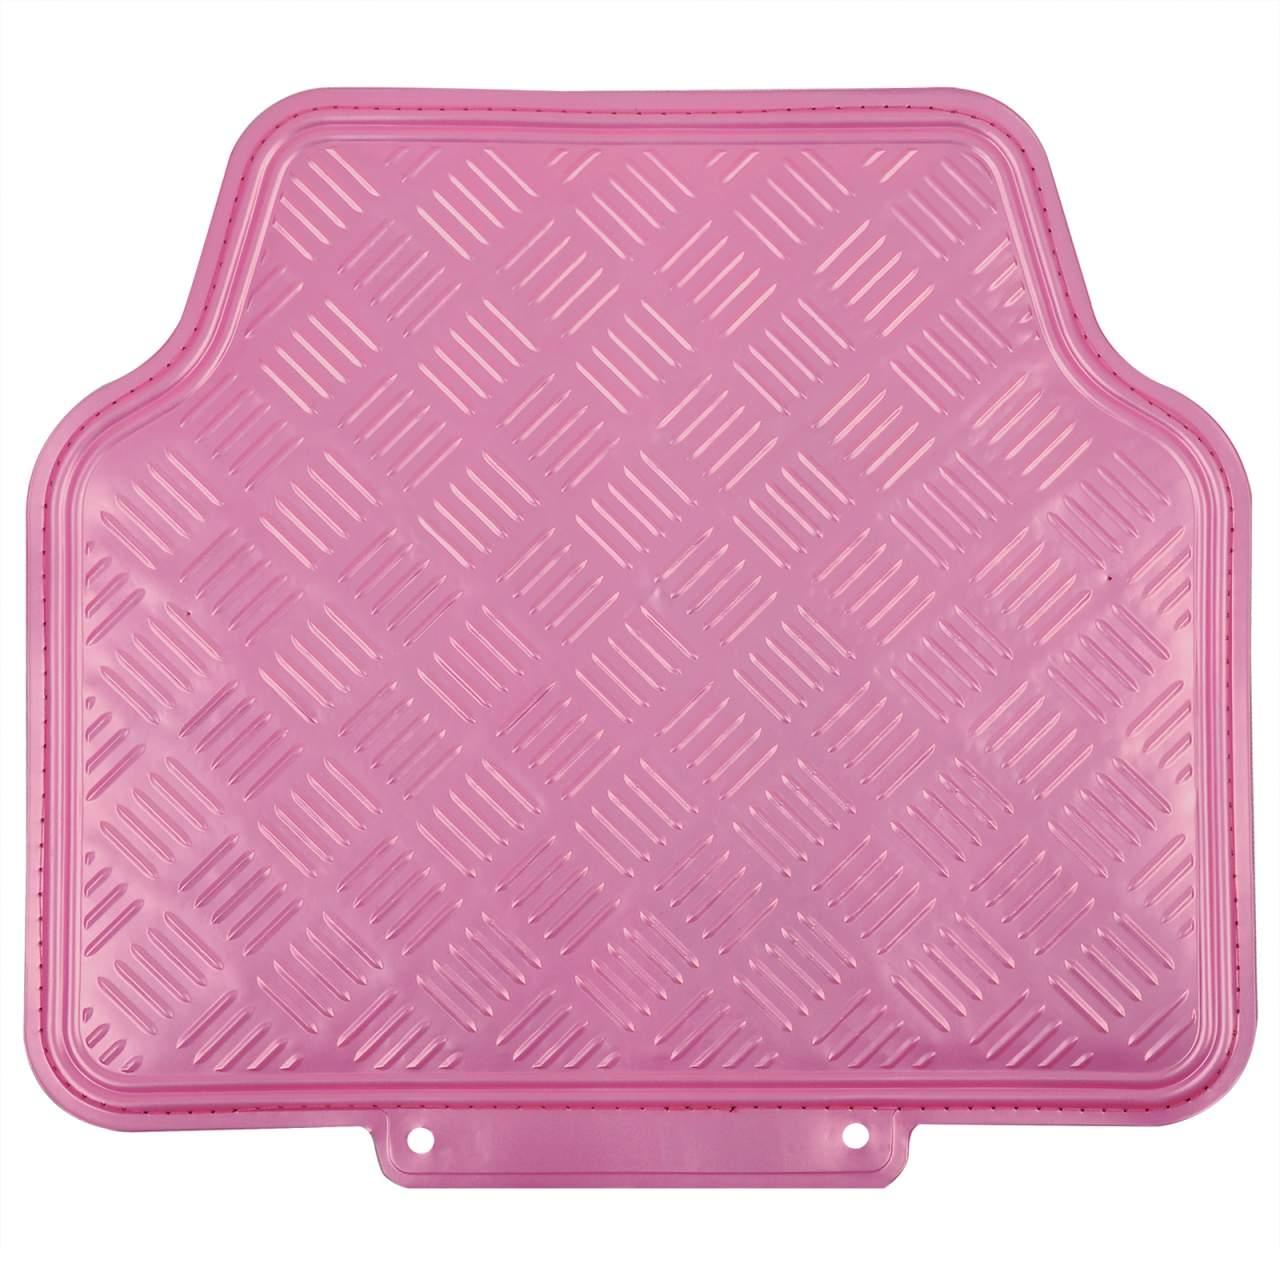 Universal Auto Fußmatten Matten Alu Look Riffelblech 4 teilige Set rosa AM7170rs